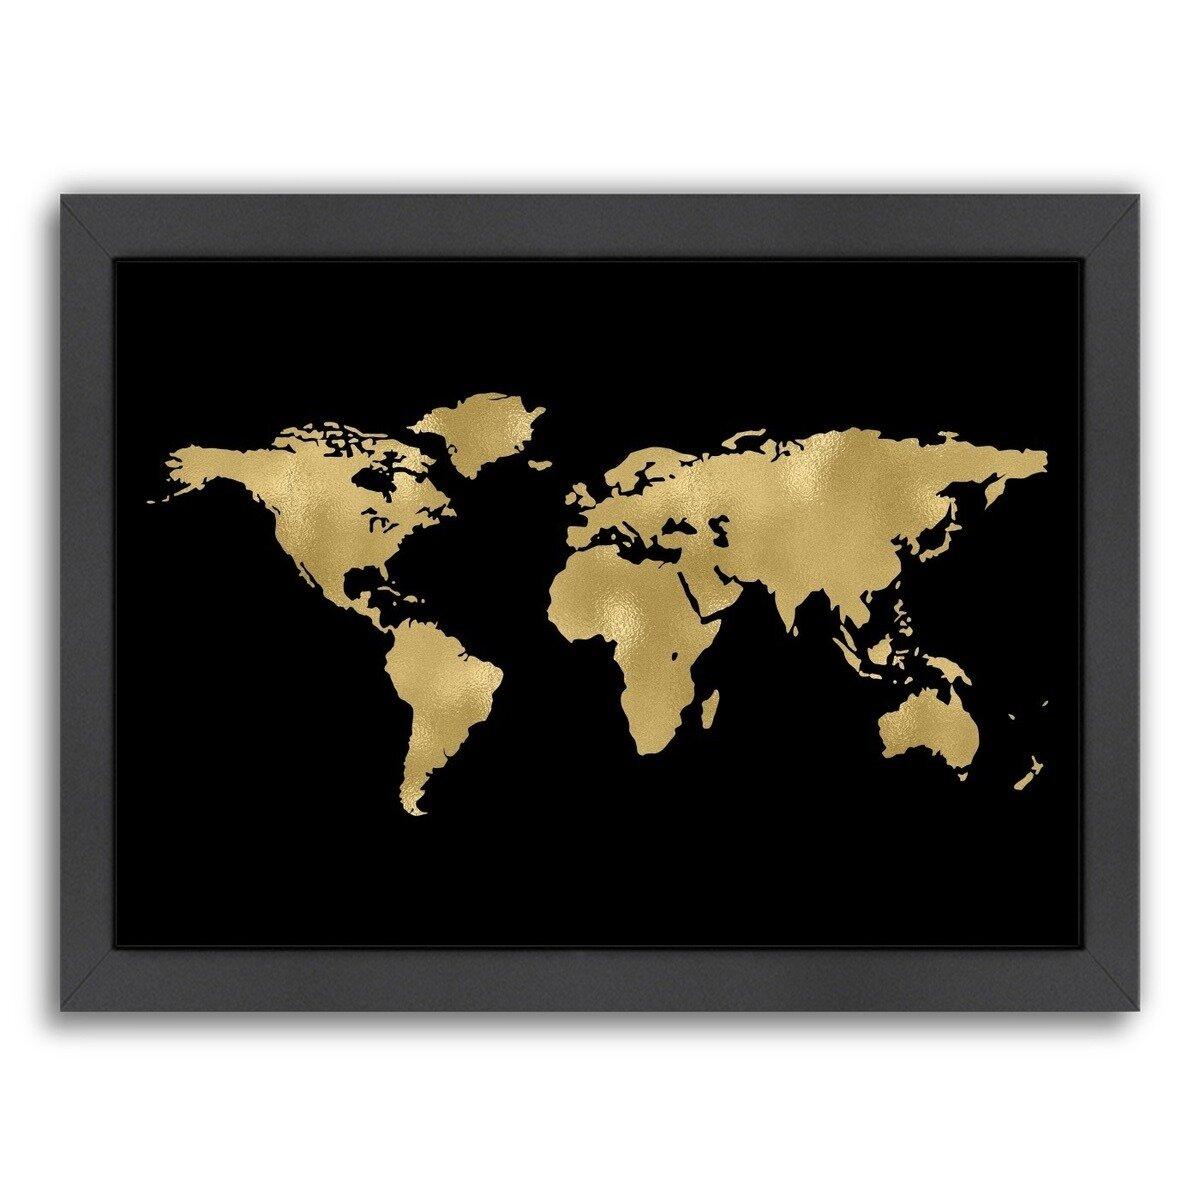 Mercer41 World Map Framed Graphic Art | Wayfair